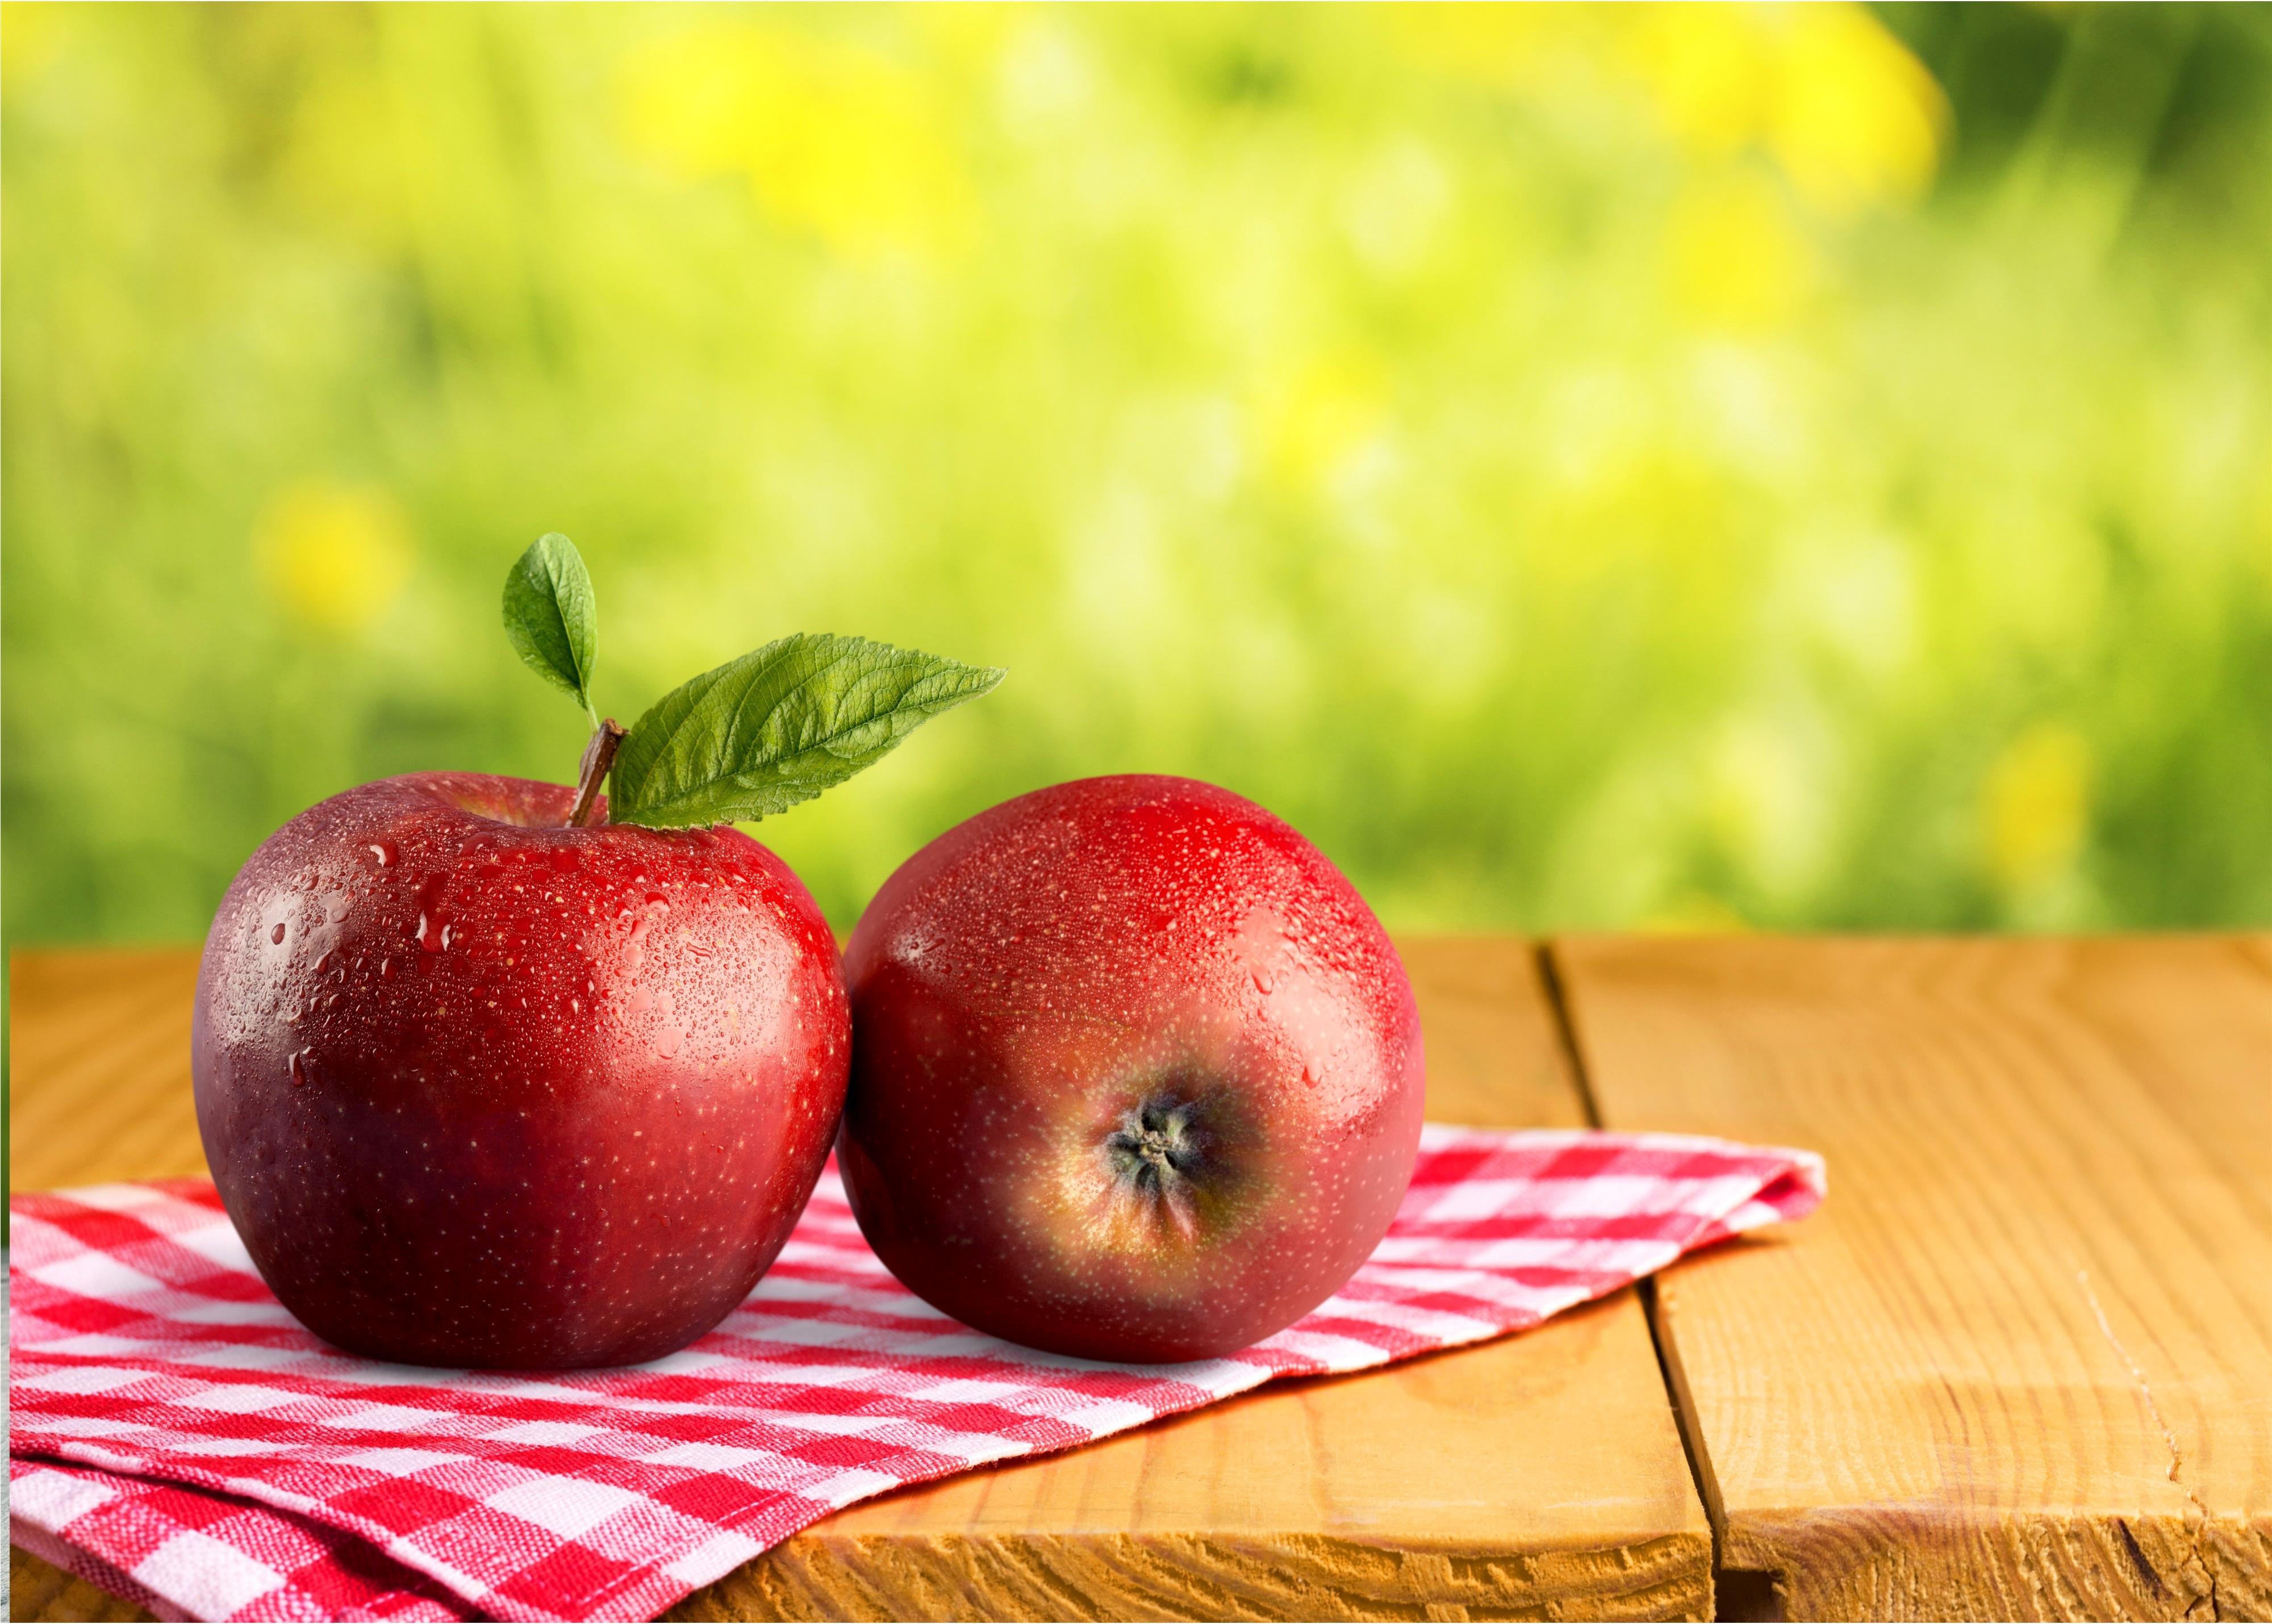 картинки яблоки на столе поздравительные